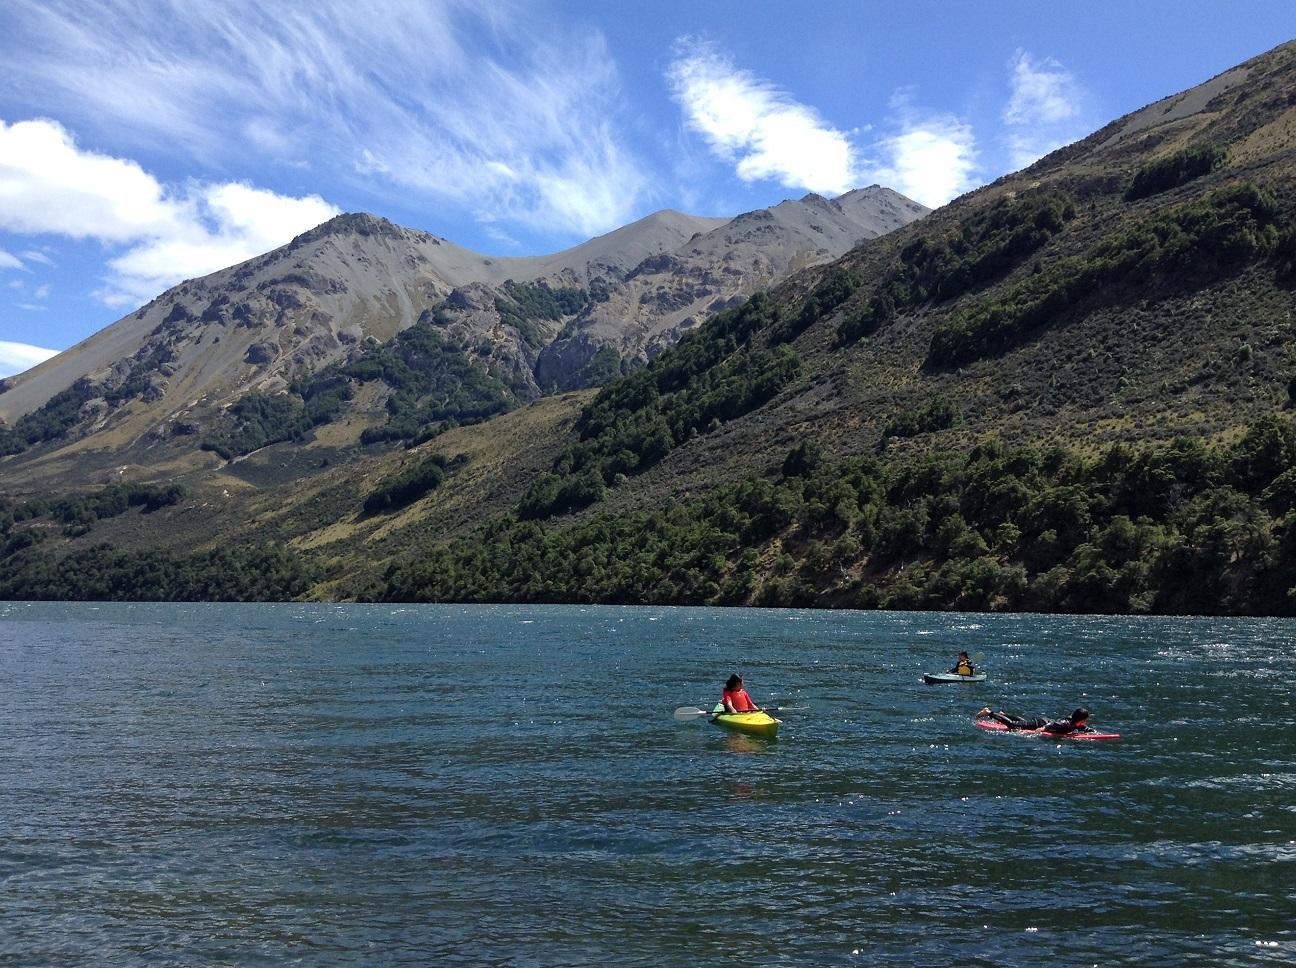 夏のニュージーランドに来たら、是非挑戦して欲しいのがカヤッキング。まるで風景画の中を漕いでいるような錯覚を味わえます。